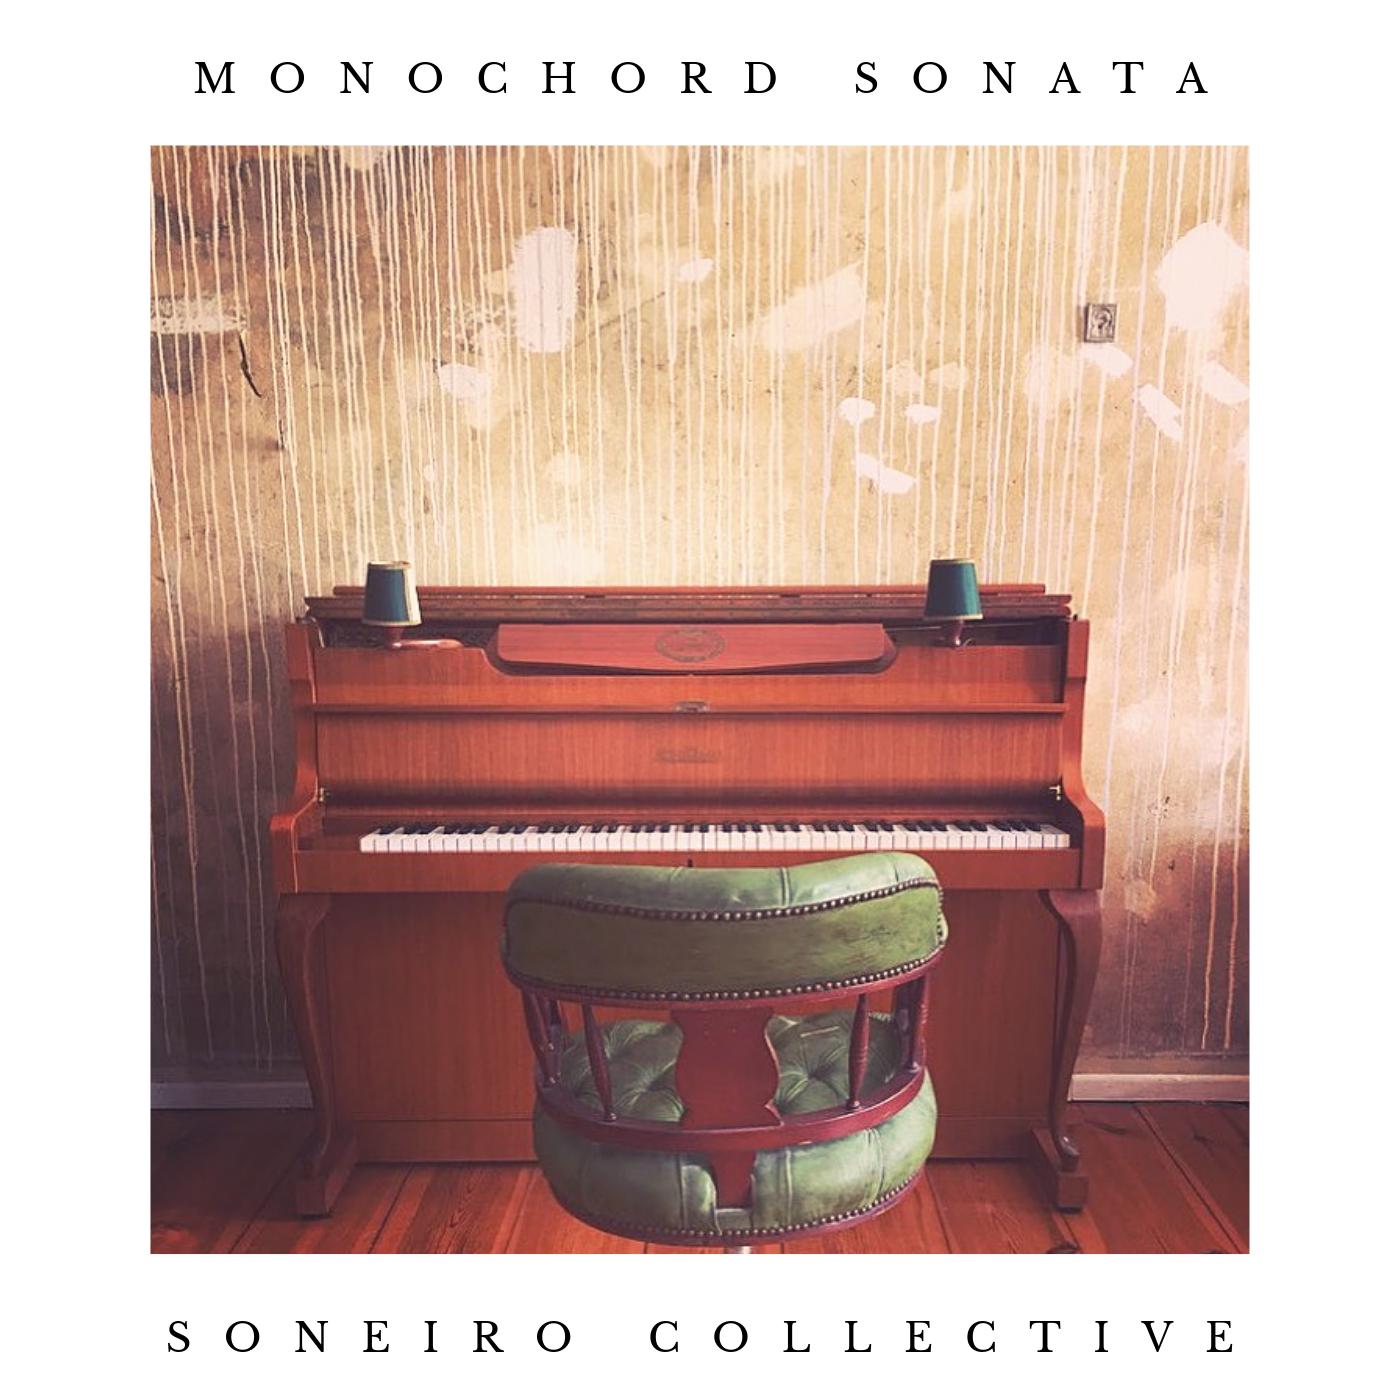 Soneiro collective (3).png